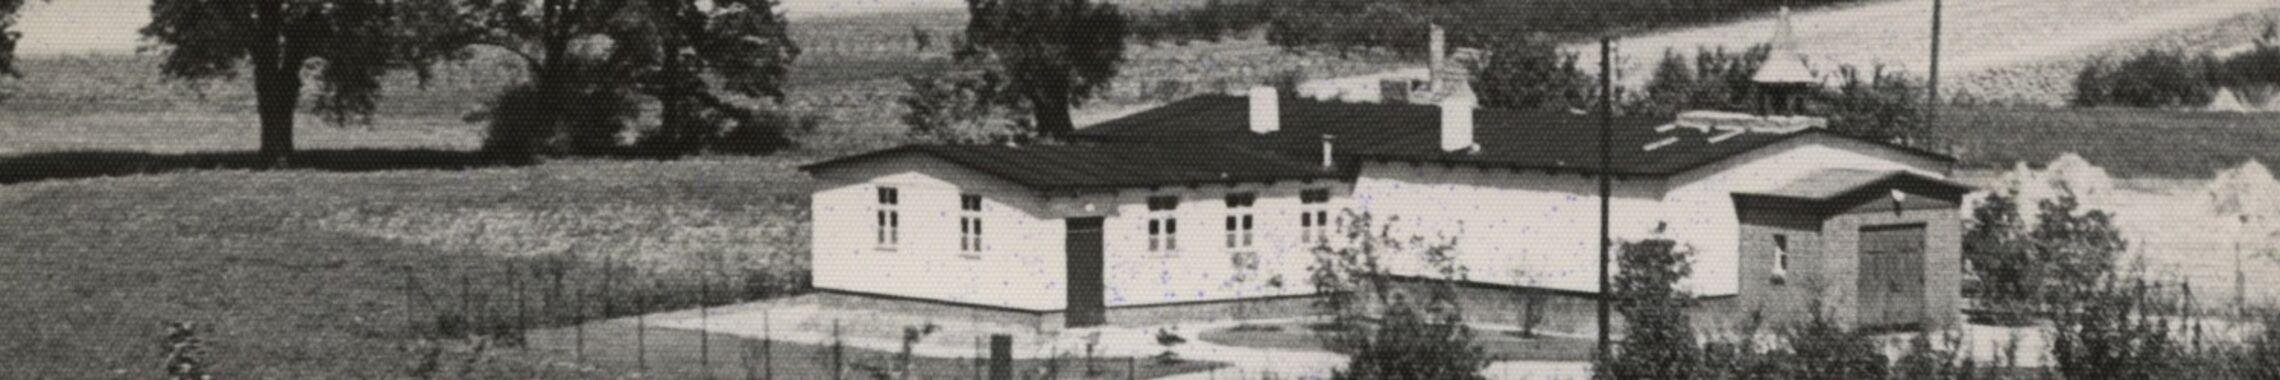 kopf_archiv_notkirche_1920-250